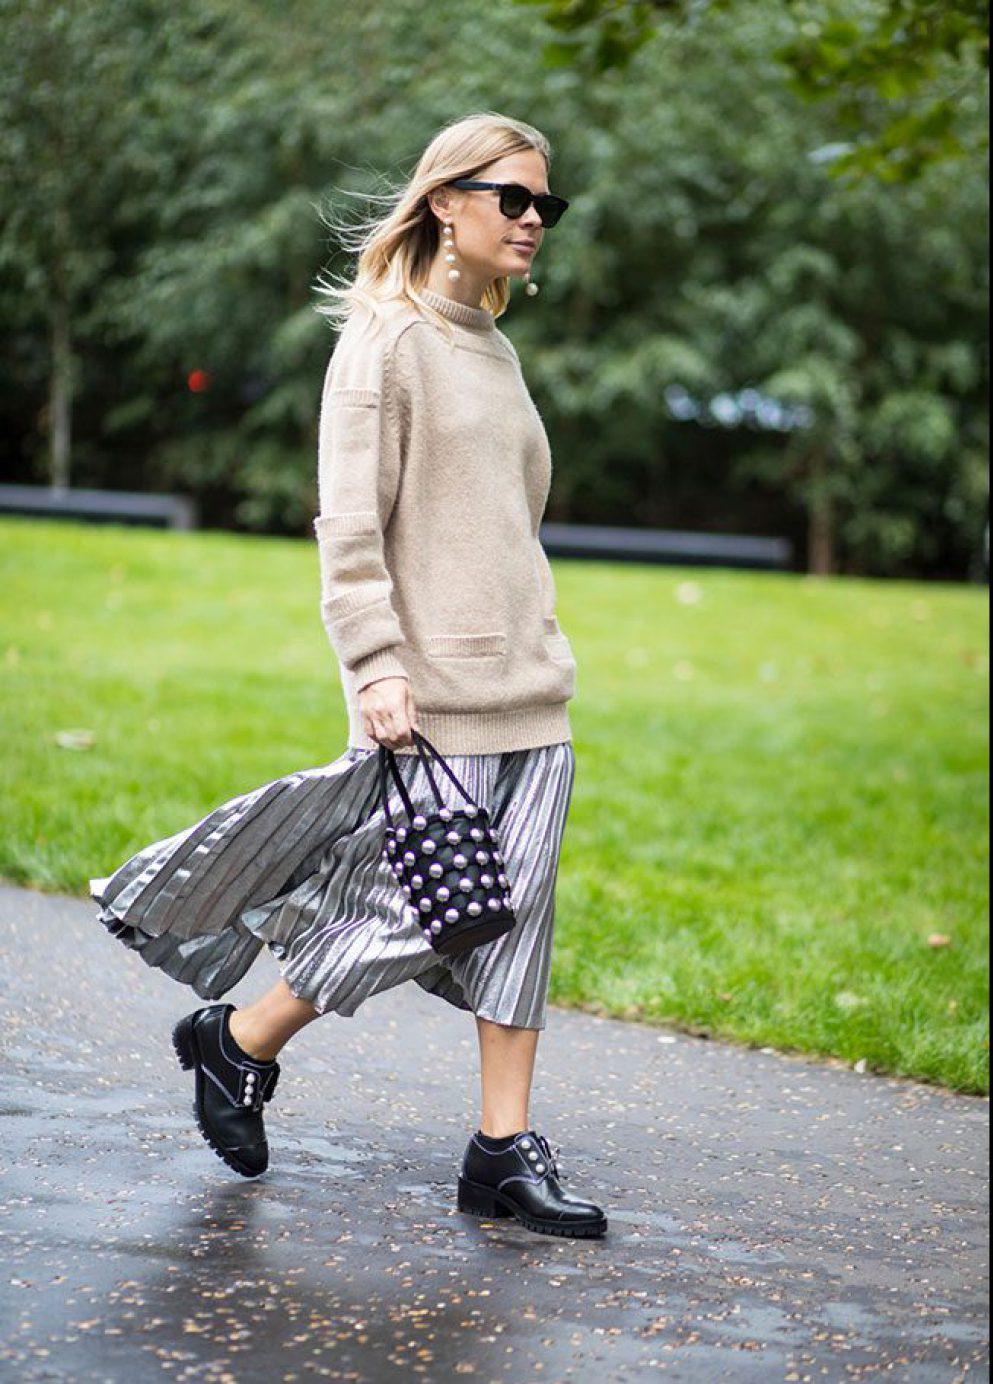 Тренды осени: какие юбки нужно выбирать в этом сезоне?